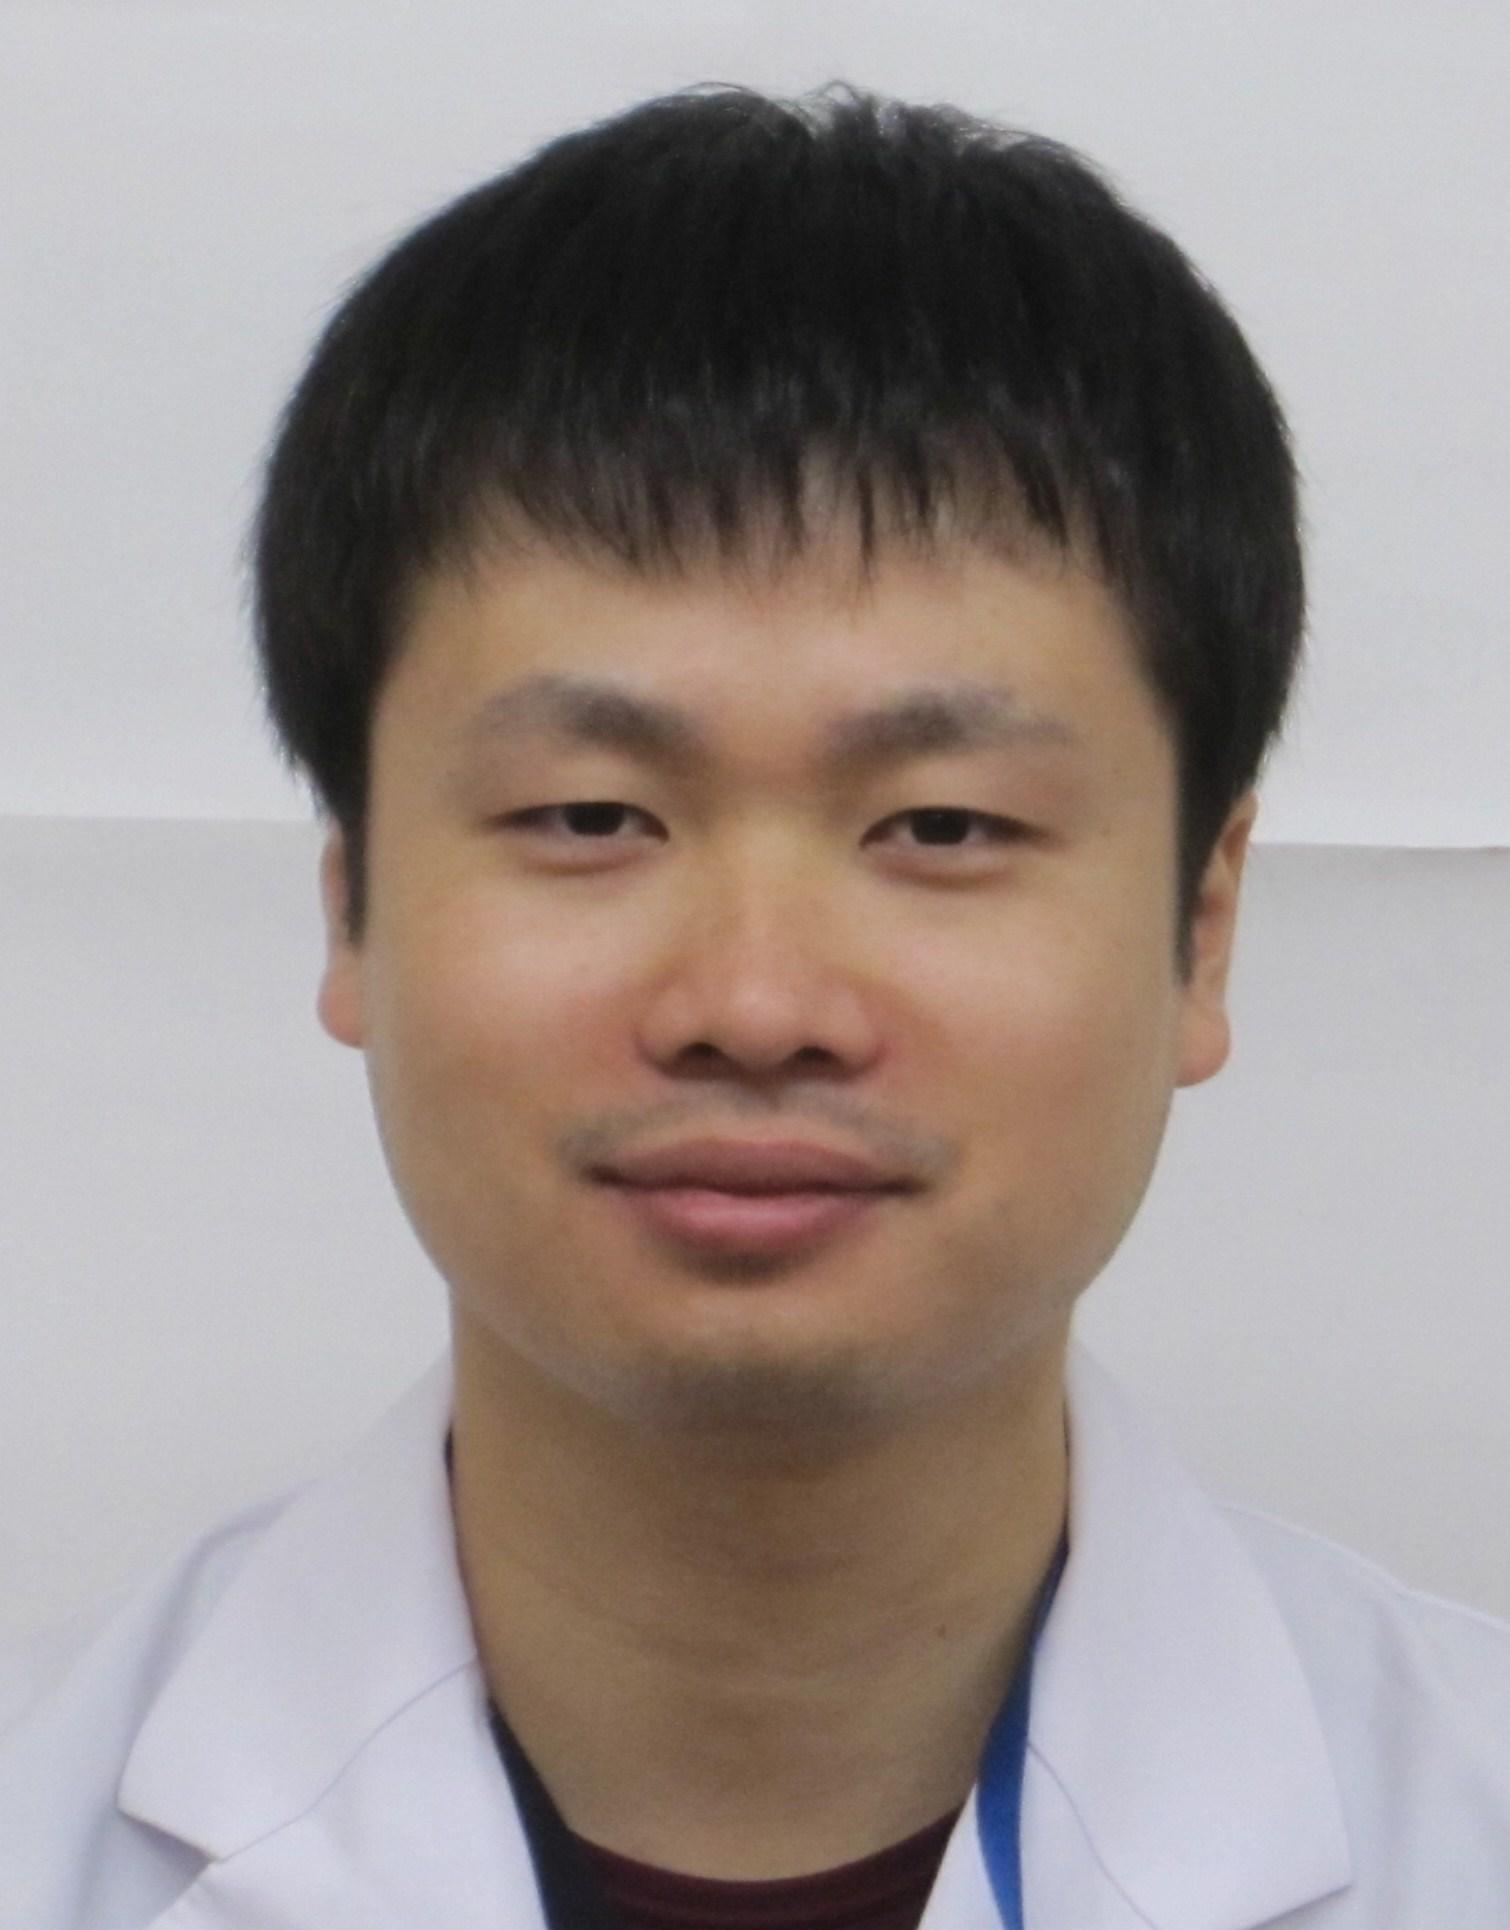 Sugiyama Hiroki